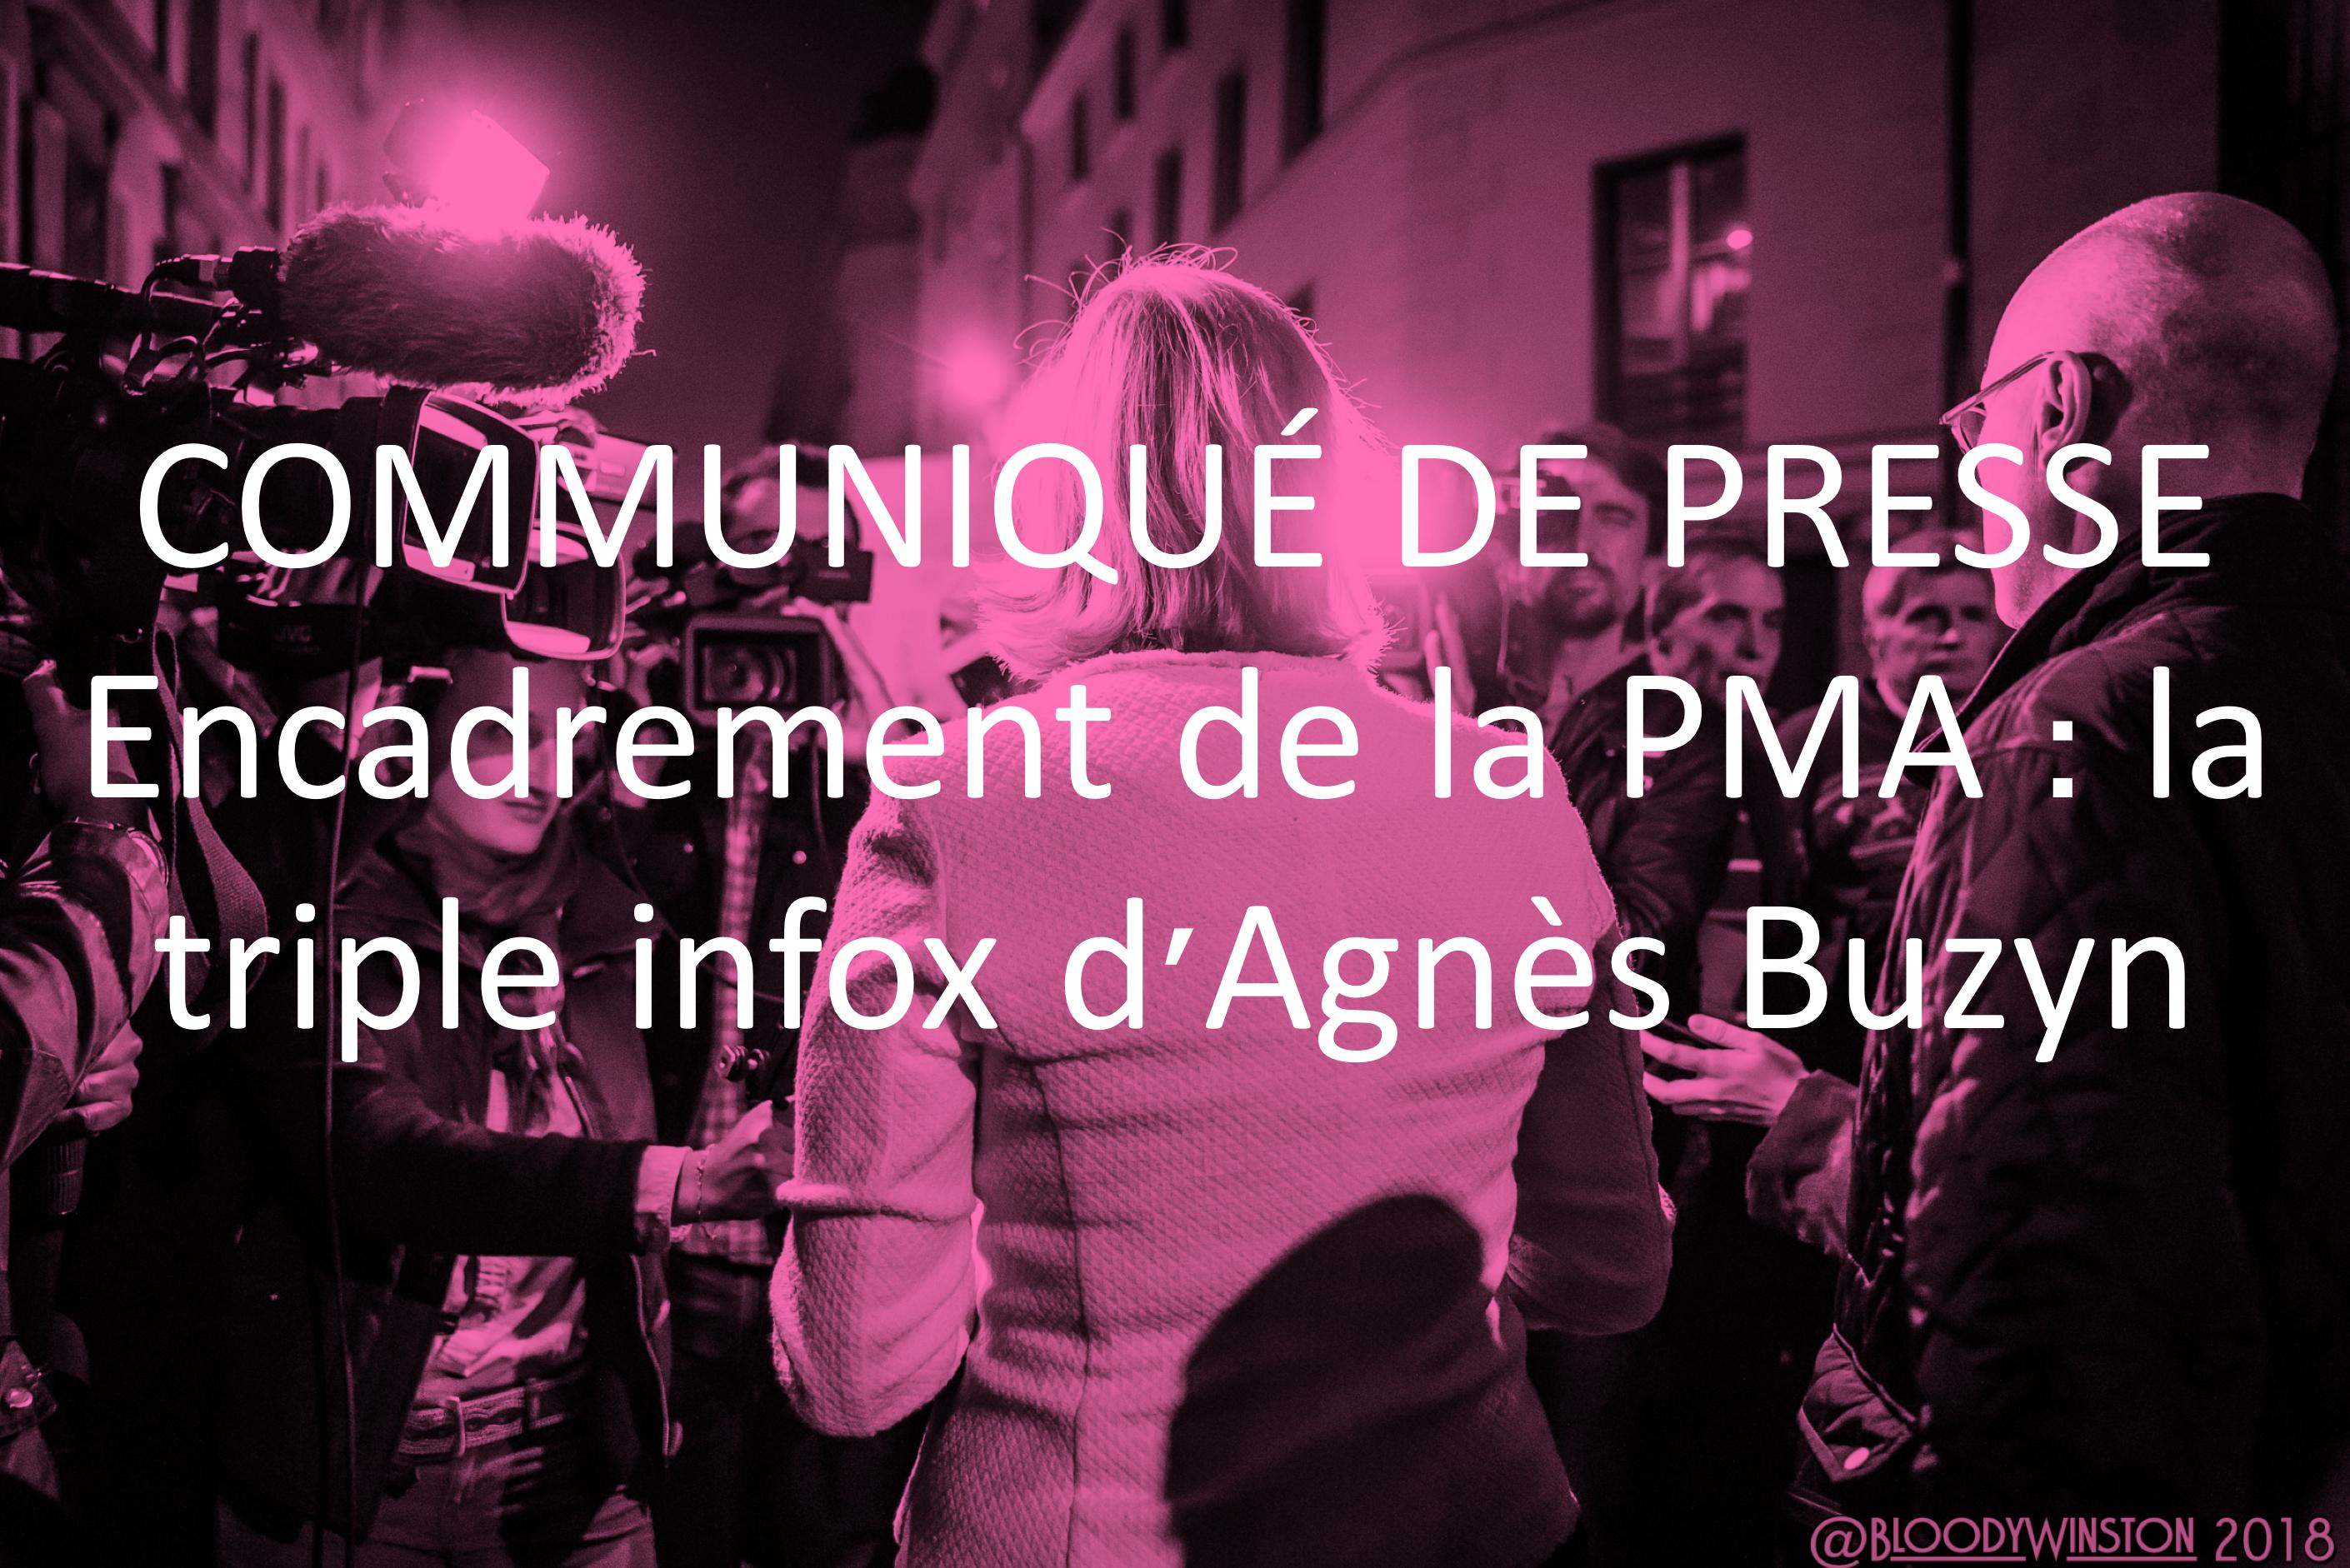 Image - Communiqué de presse – Encadrement de la PMA: la triple infox d'Agnès Buzyn